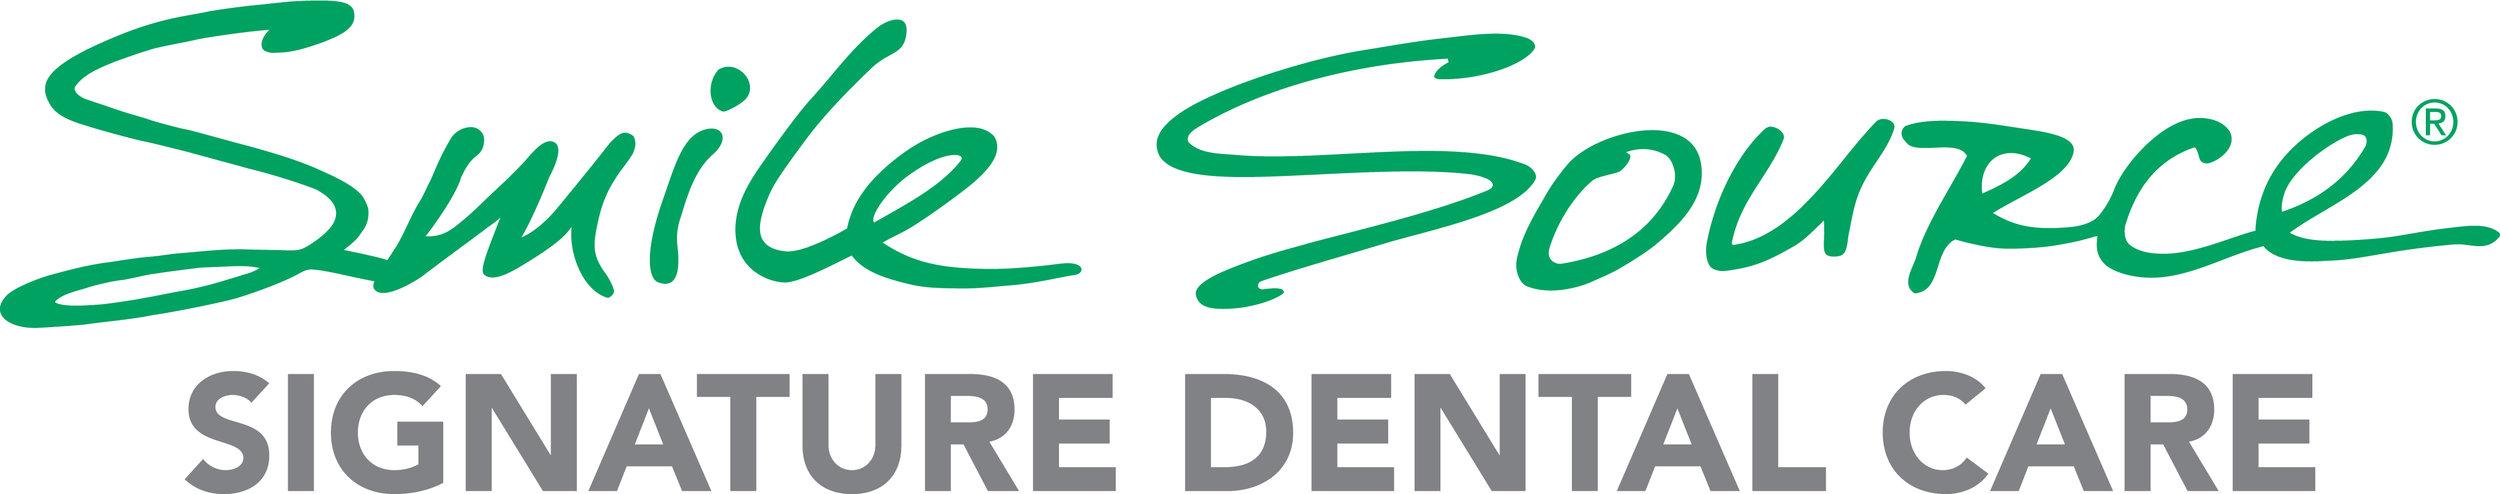 SSS_GG_Horiz_Logo.jpg